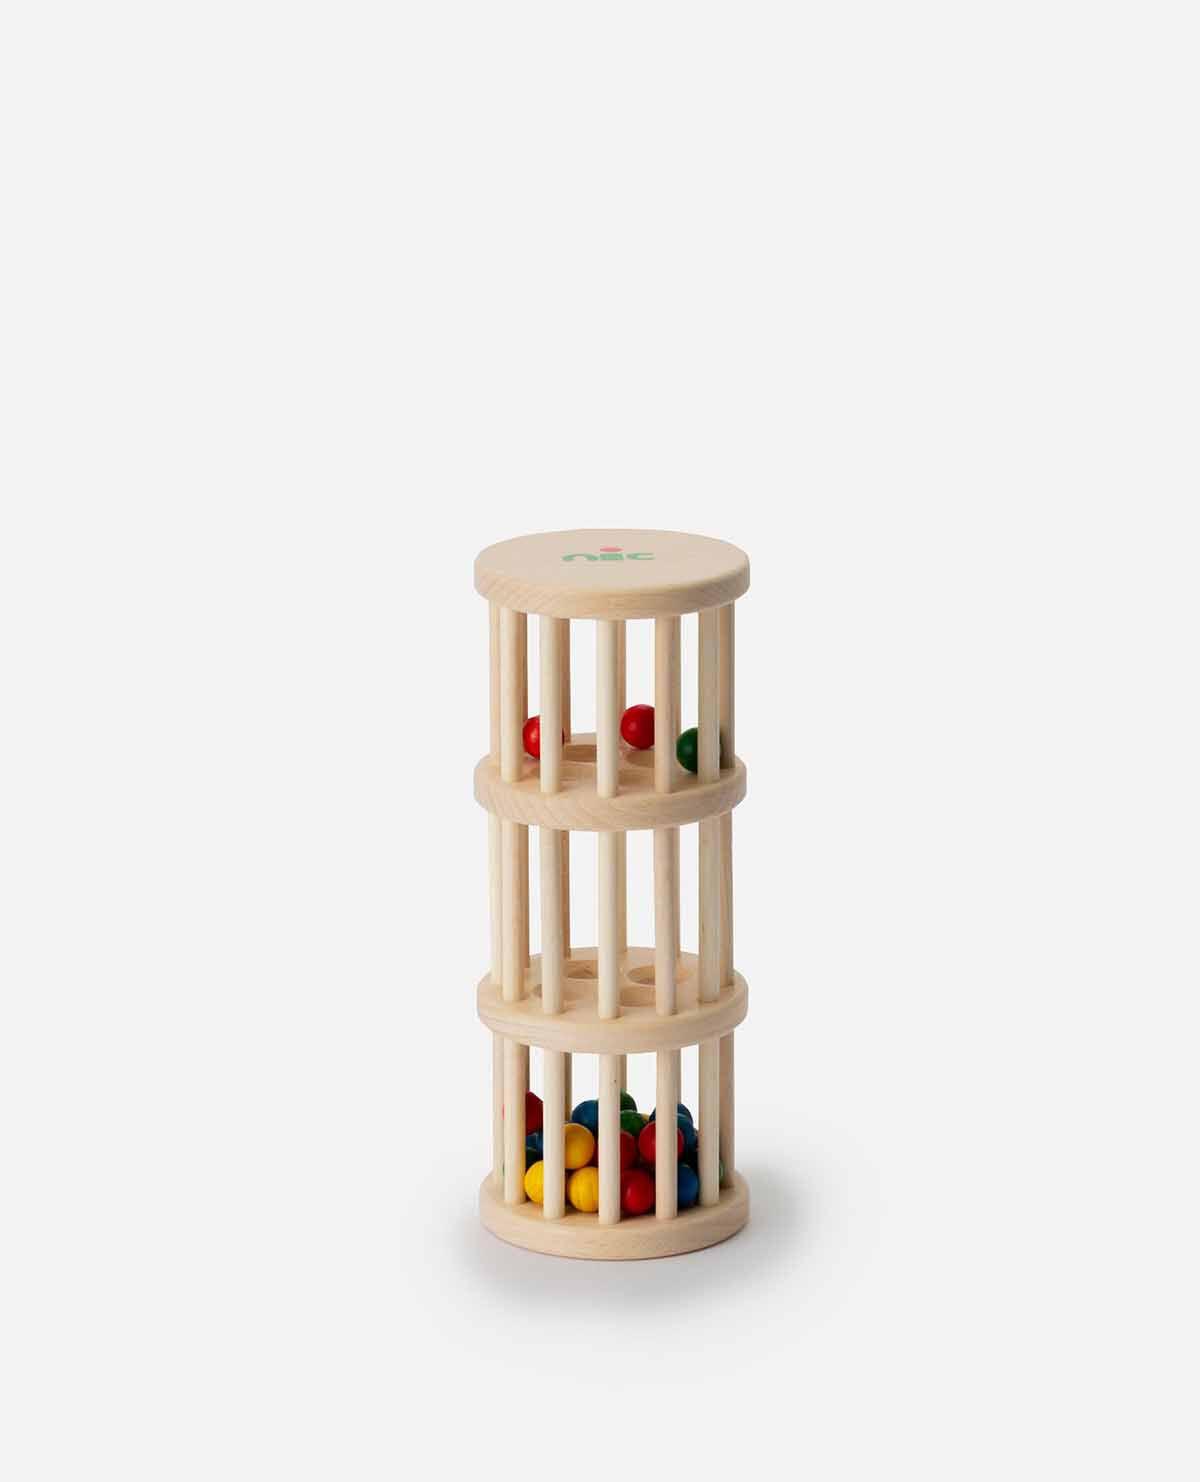 ドラム玉おとし おもちゃ 木製